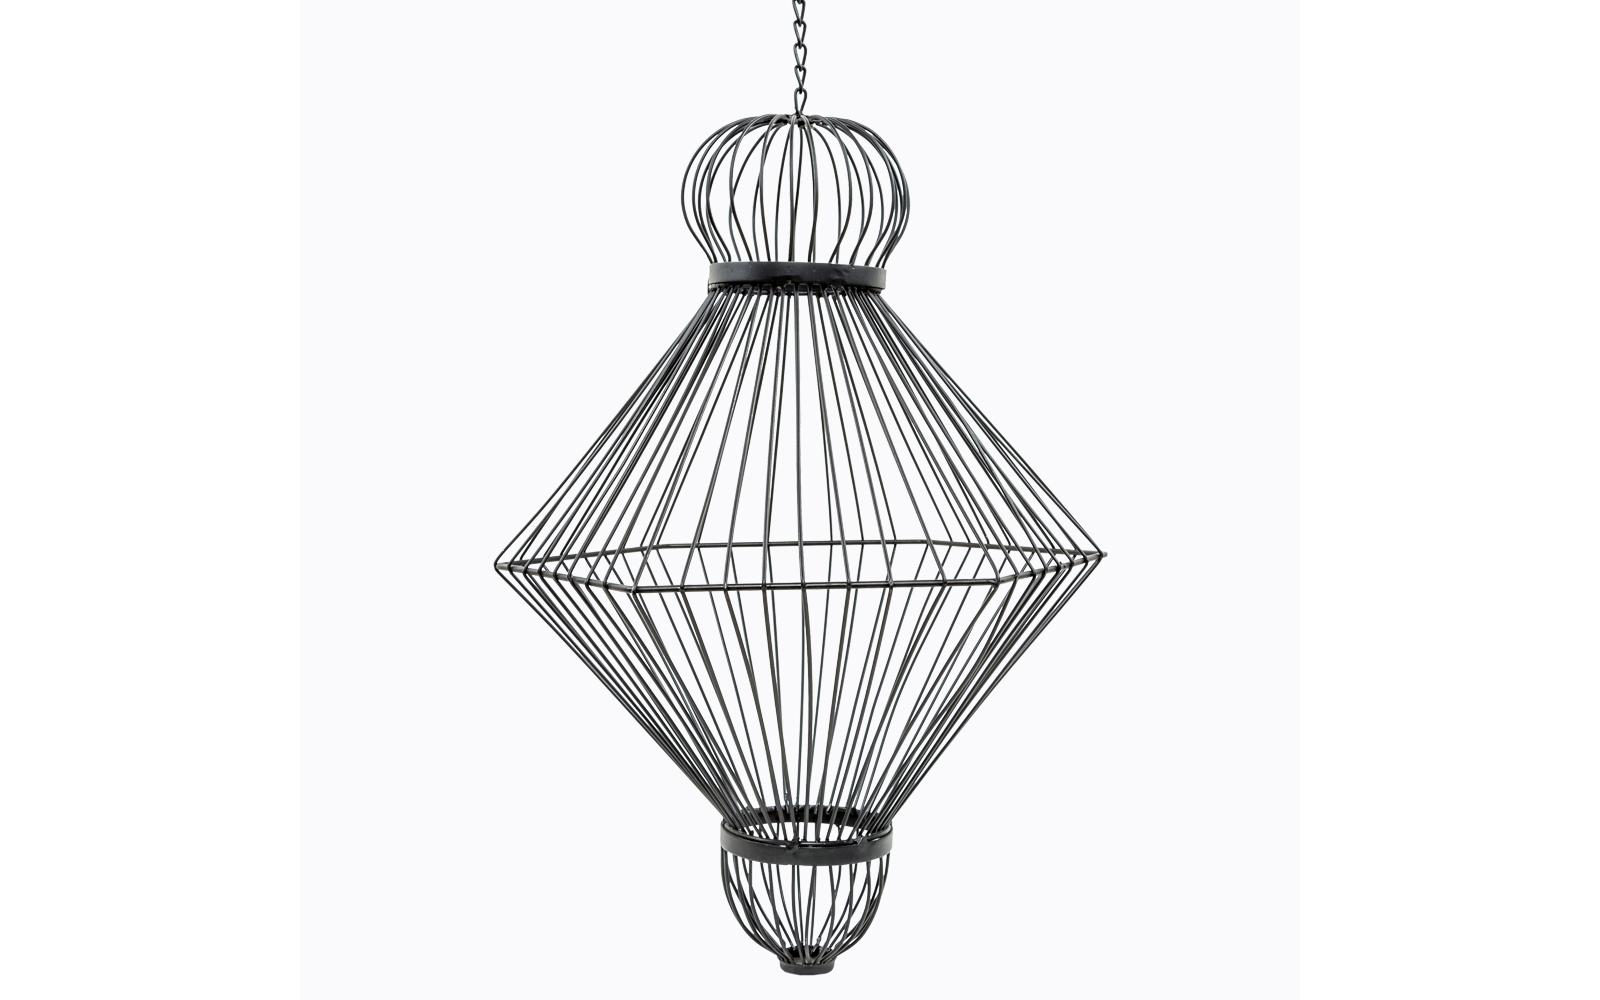 Object Desire Декоративный подвесной элемент «Фонарь №3»